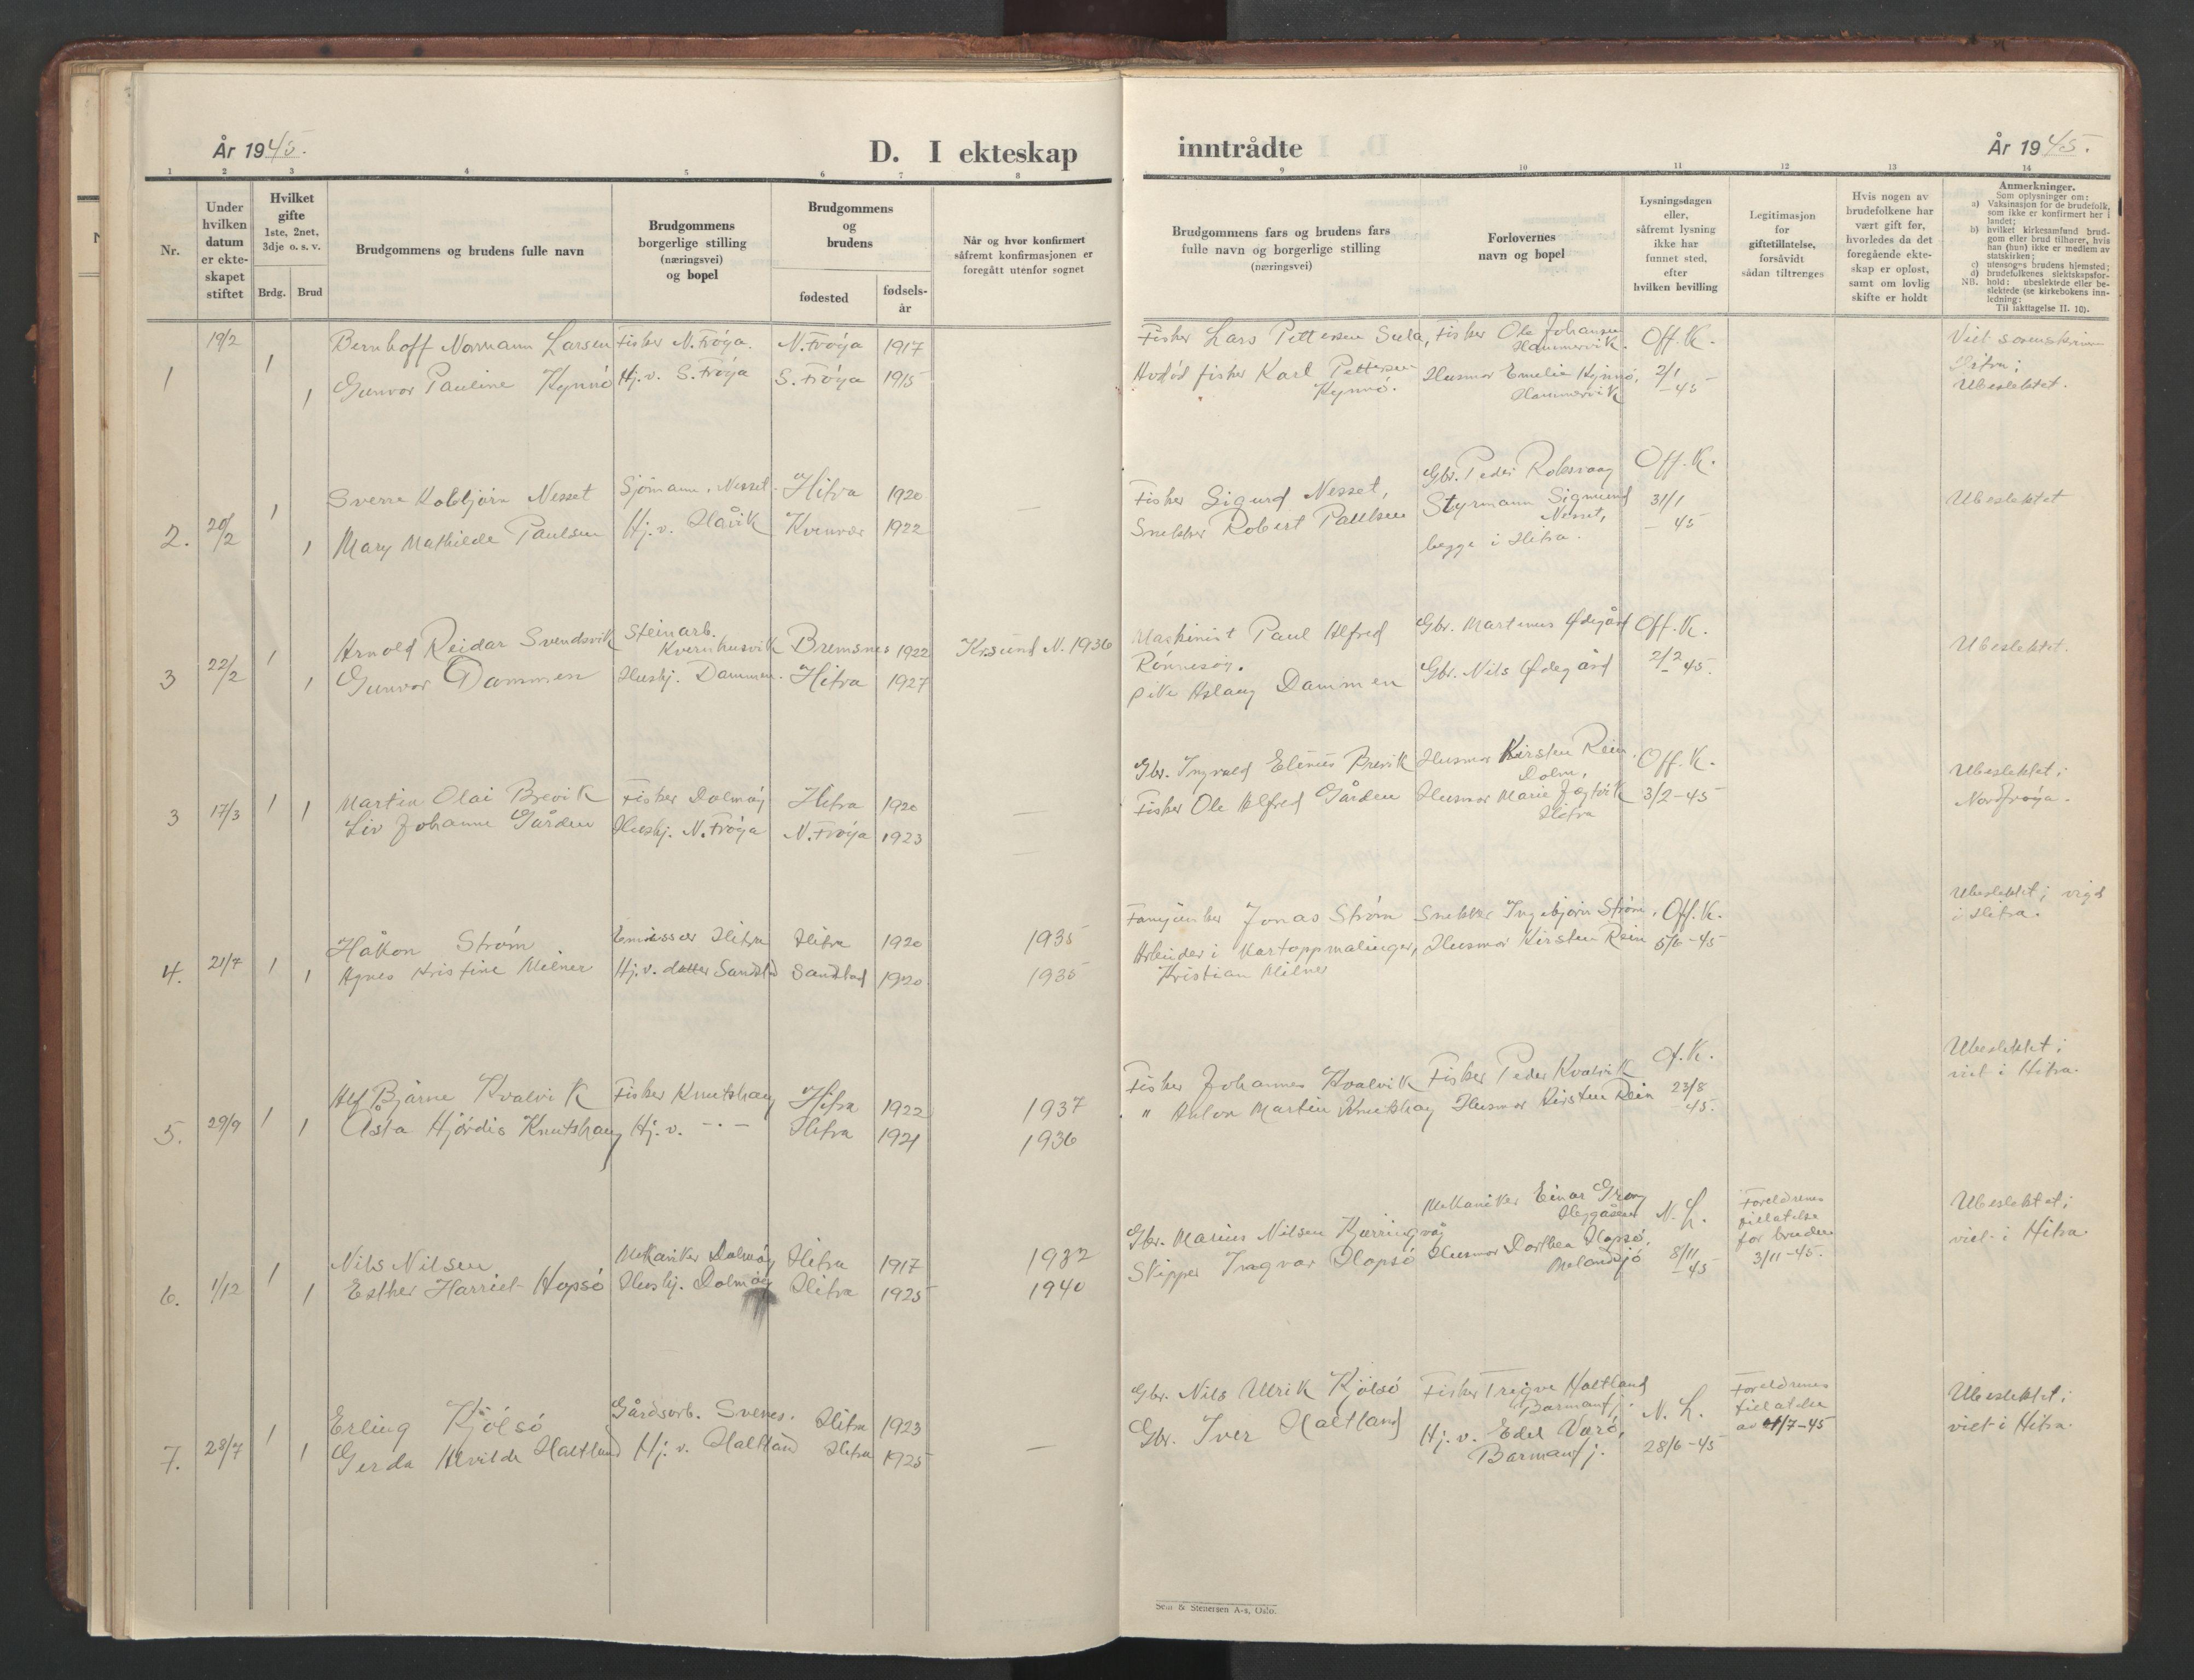 SAT, Ministerialprotokoller, klokkerbøker og fødselsregistre - Sør-Trøndelag, 634/L0544: Klokkerbok nr. 634C06, 1927-1948, s. 107